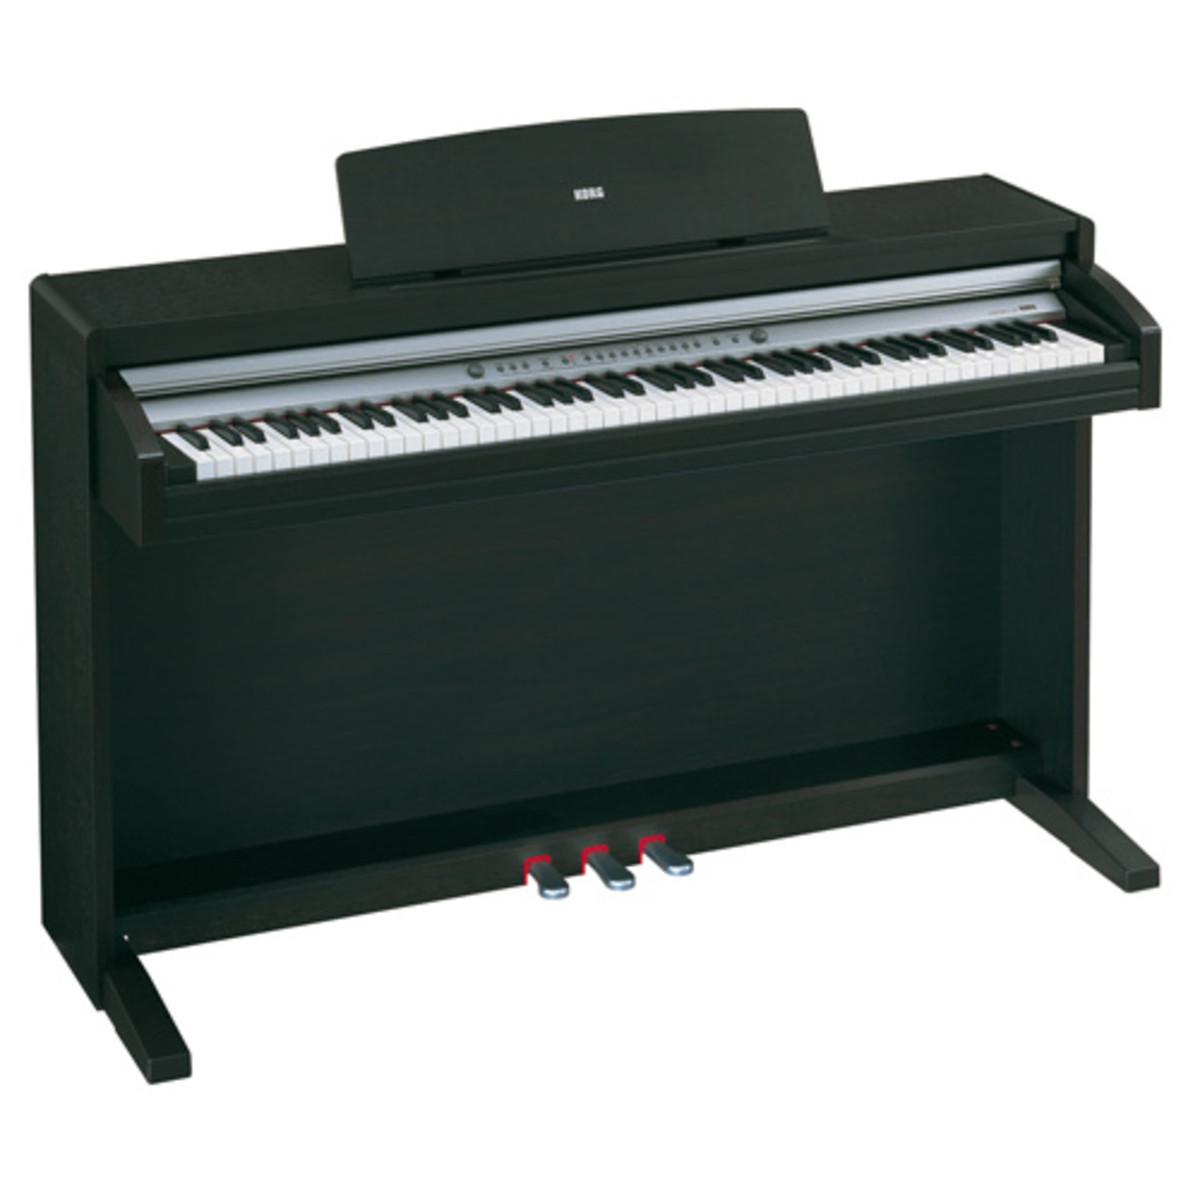 puis korg c 320 piano num rique palissandre. Black Bedroom Furniture Sets. Home Design Ideas